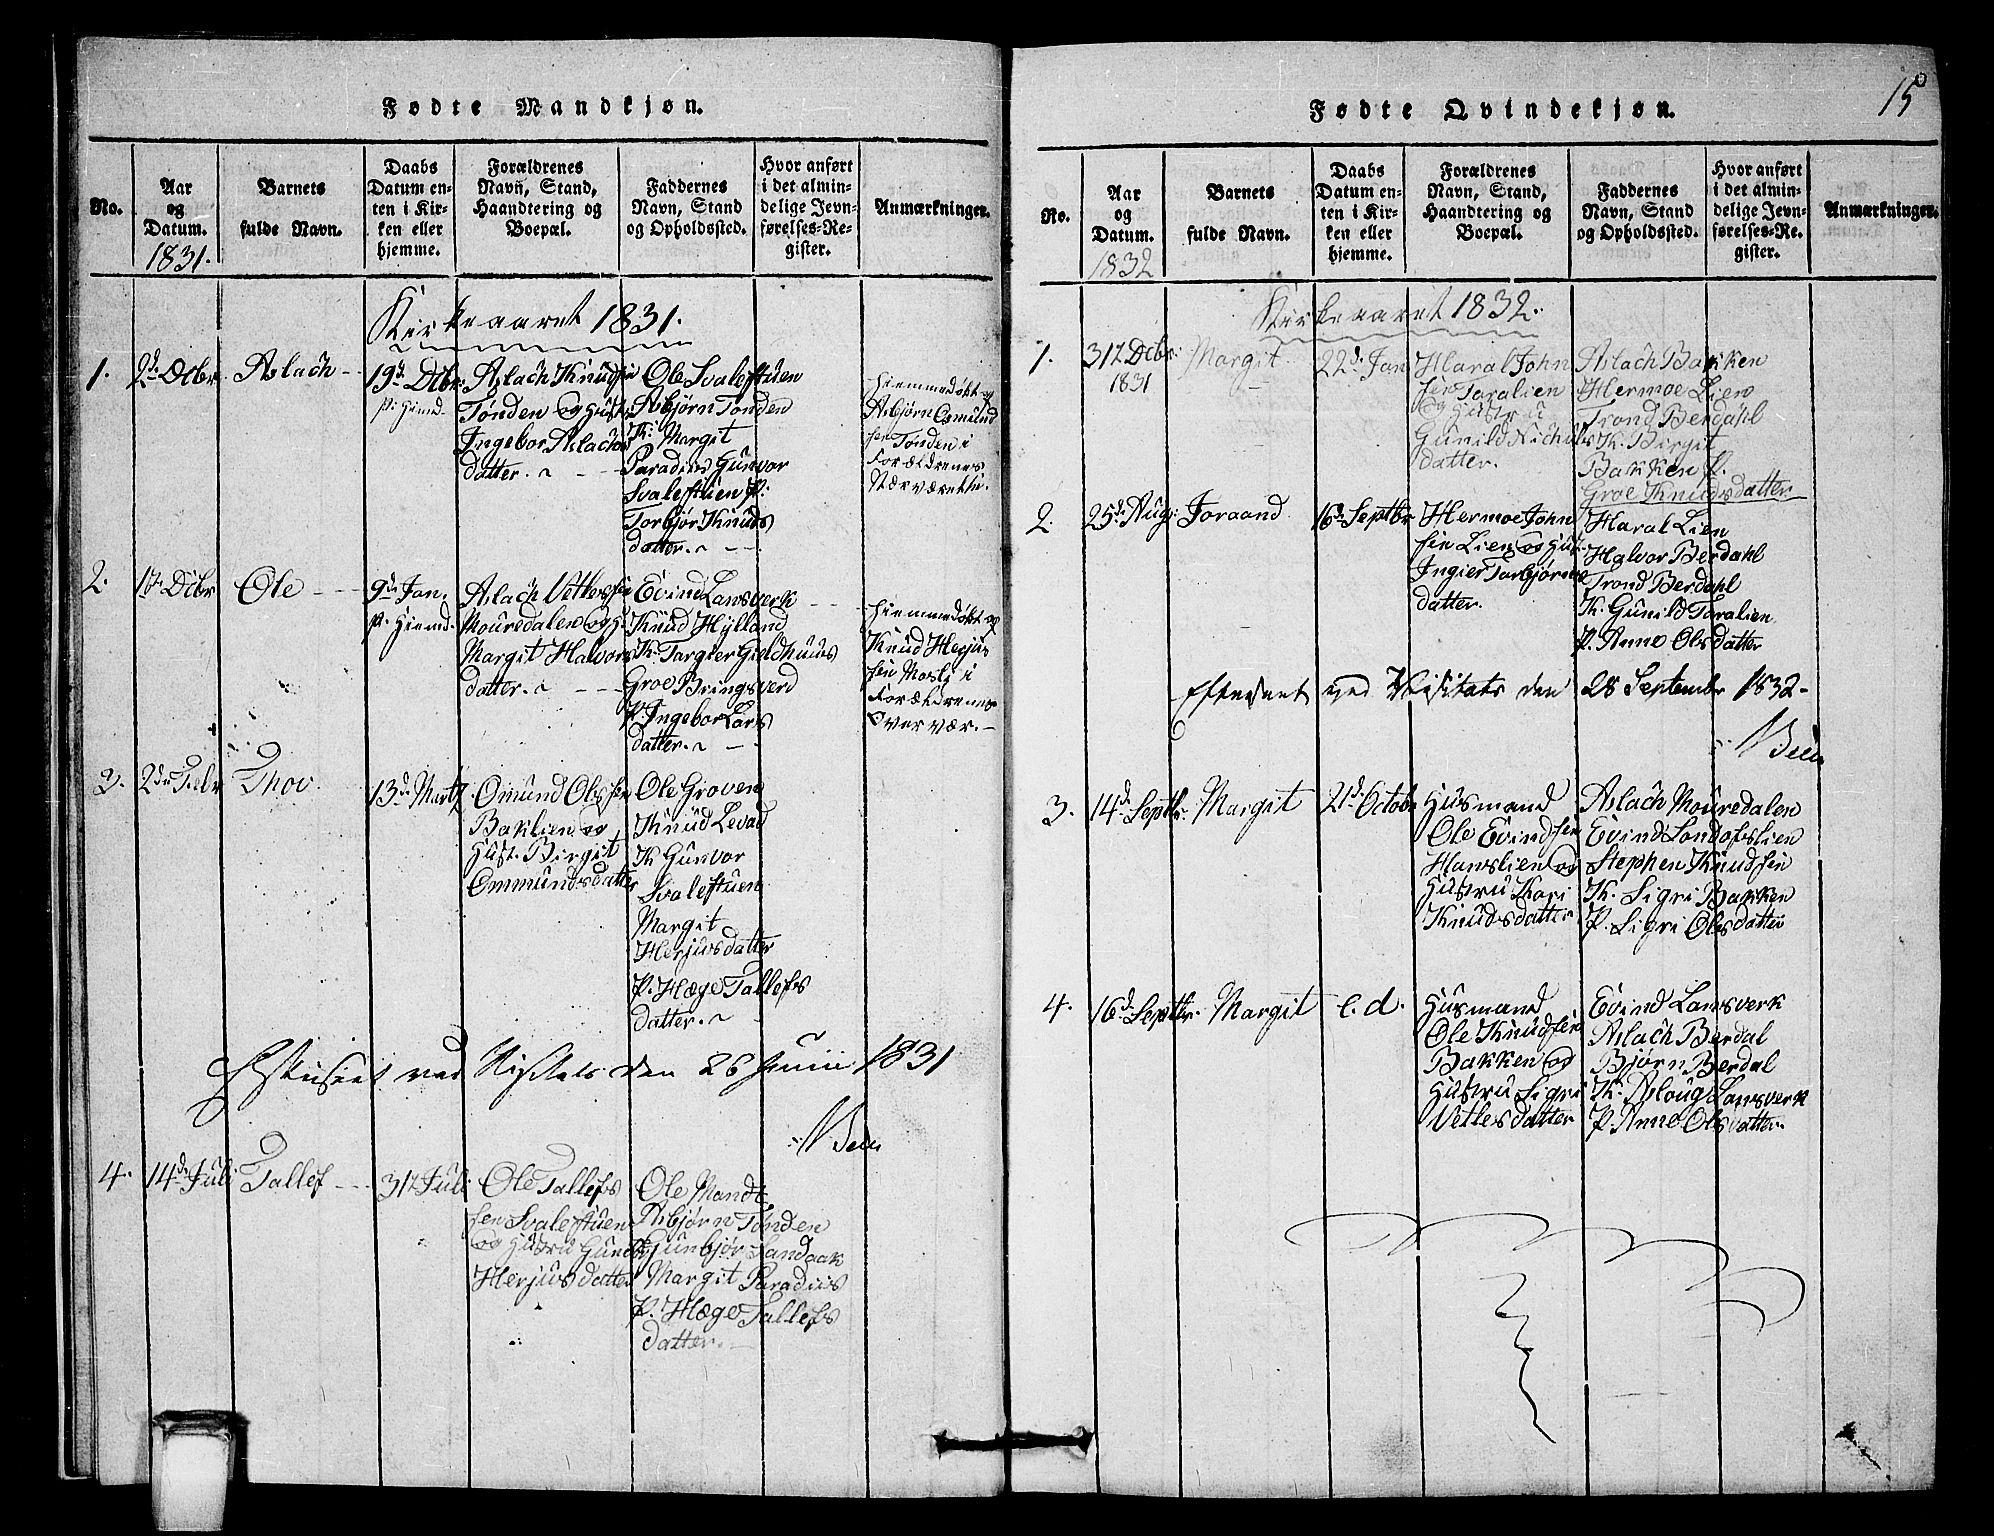 SAKO, Vinje kirkebøker, G/Gb/L0001: Klokkerbok nr. II 1, 1814-1843, s. 15